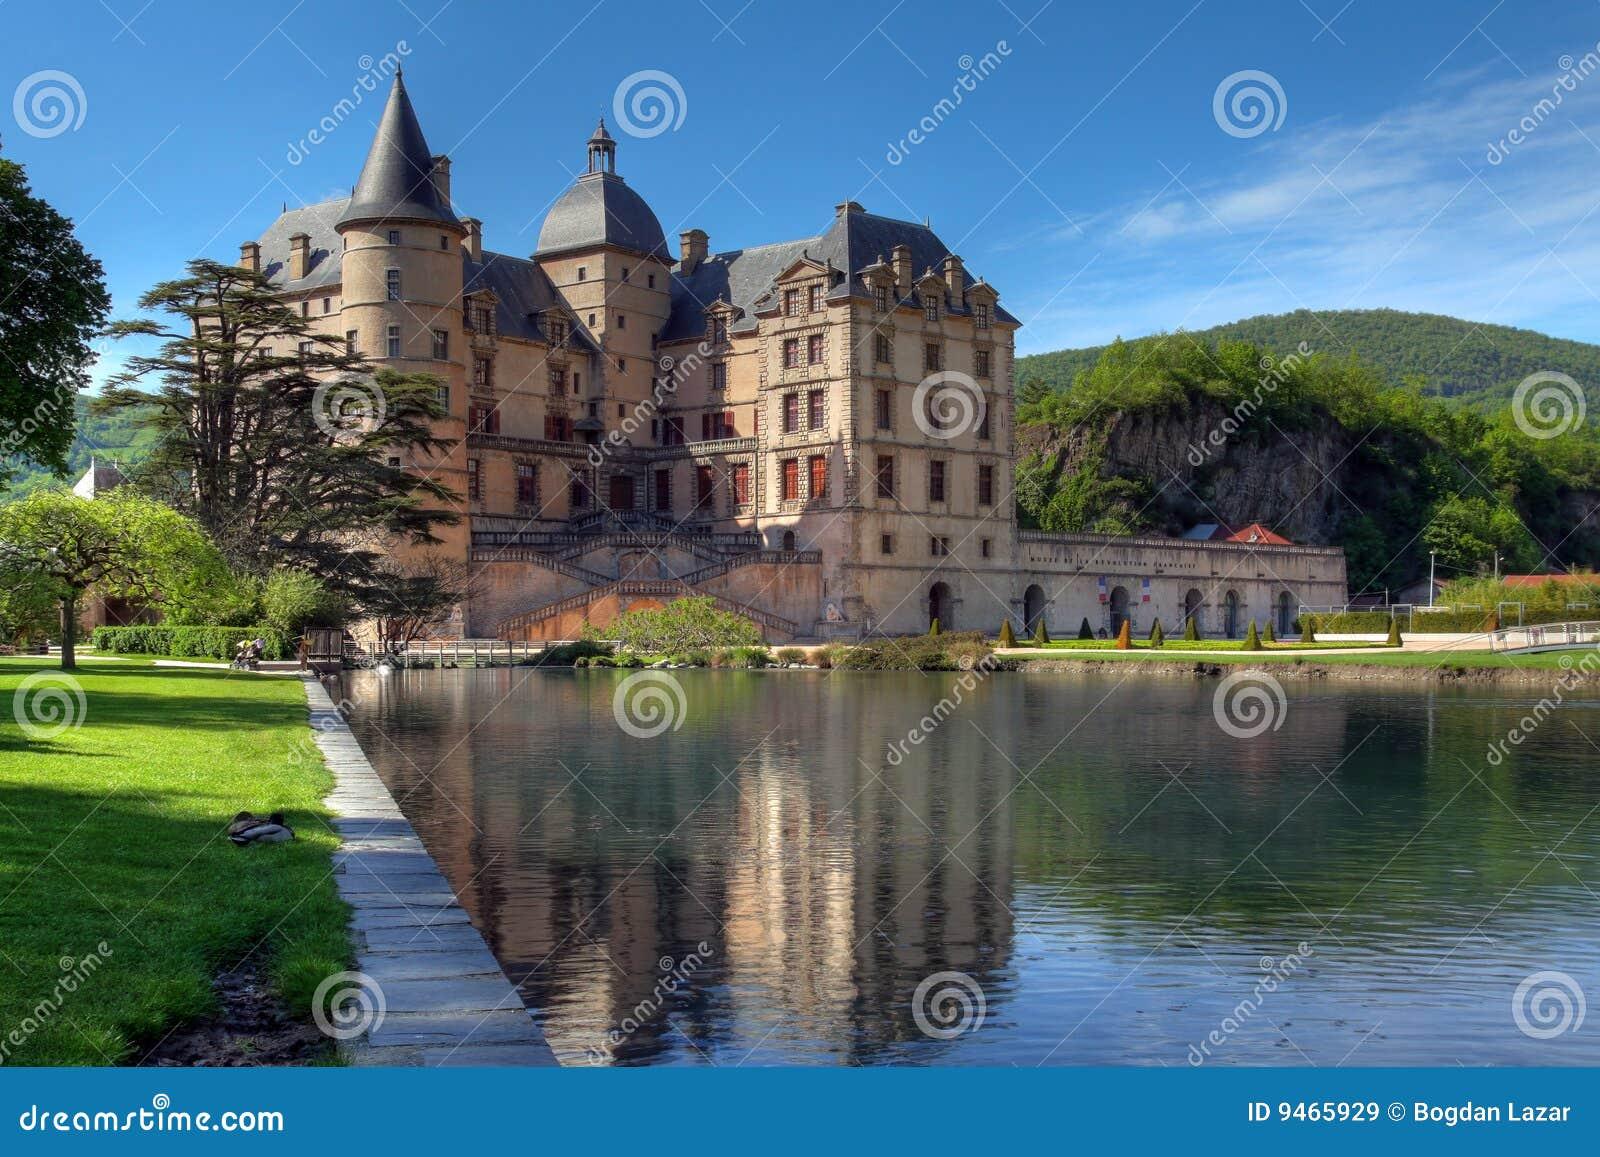 Chateau de vizille 02 vicino a grenoble la francia for Disegni di casa chateau francese